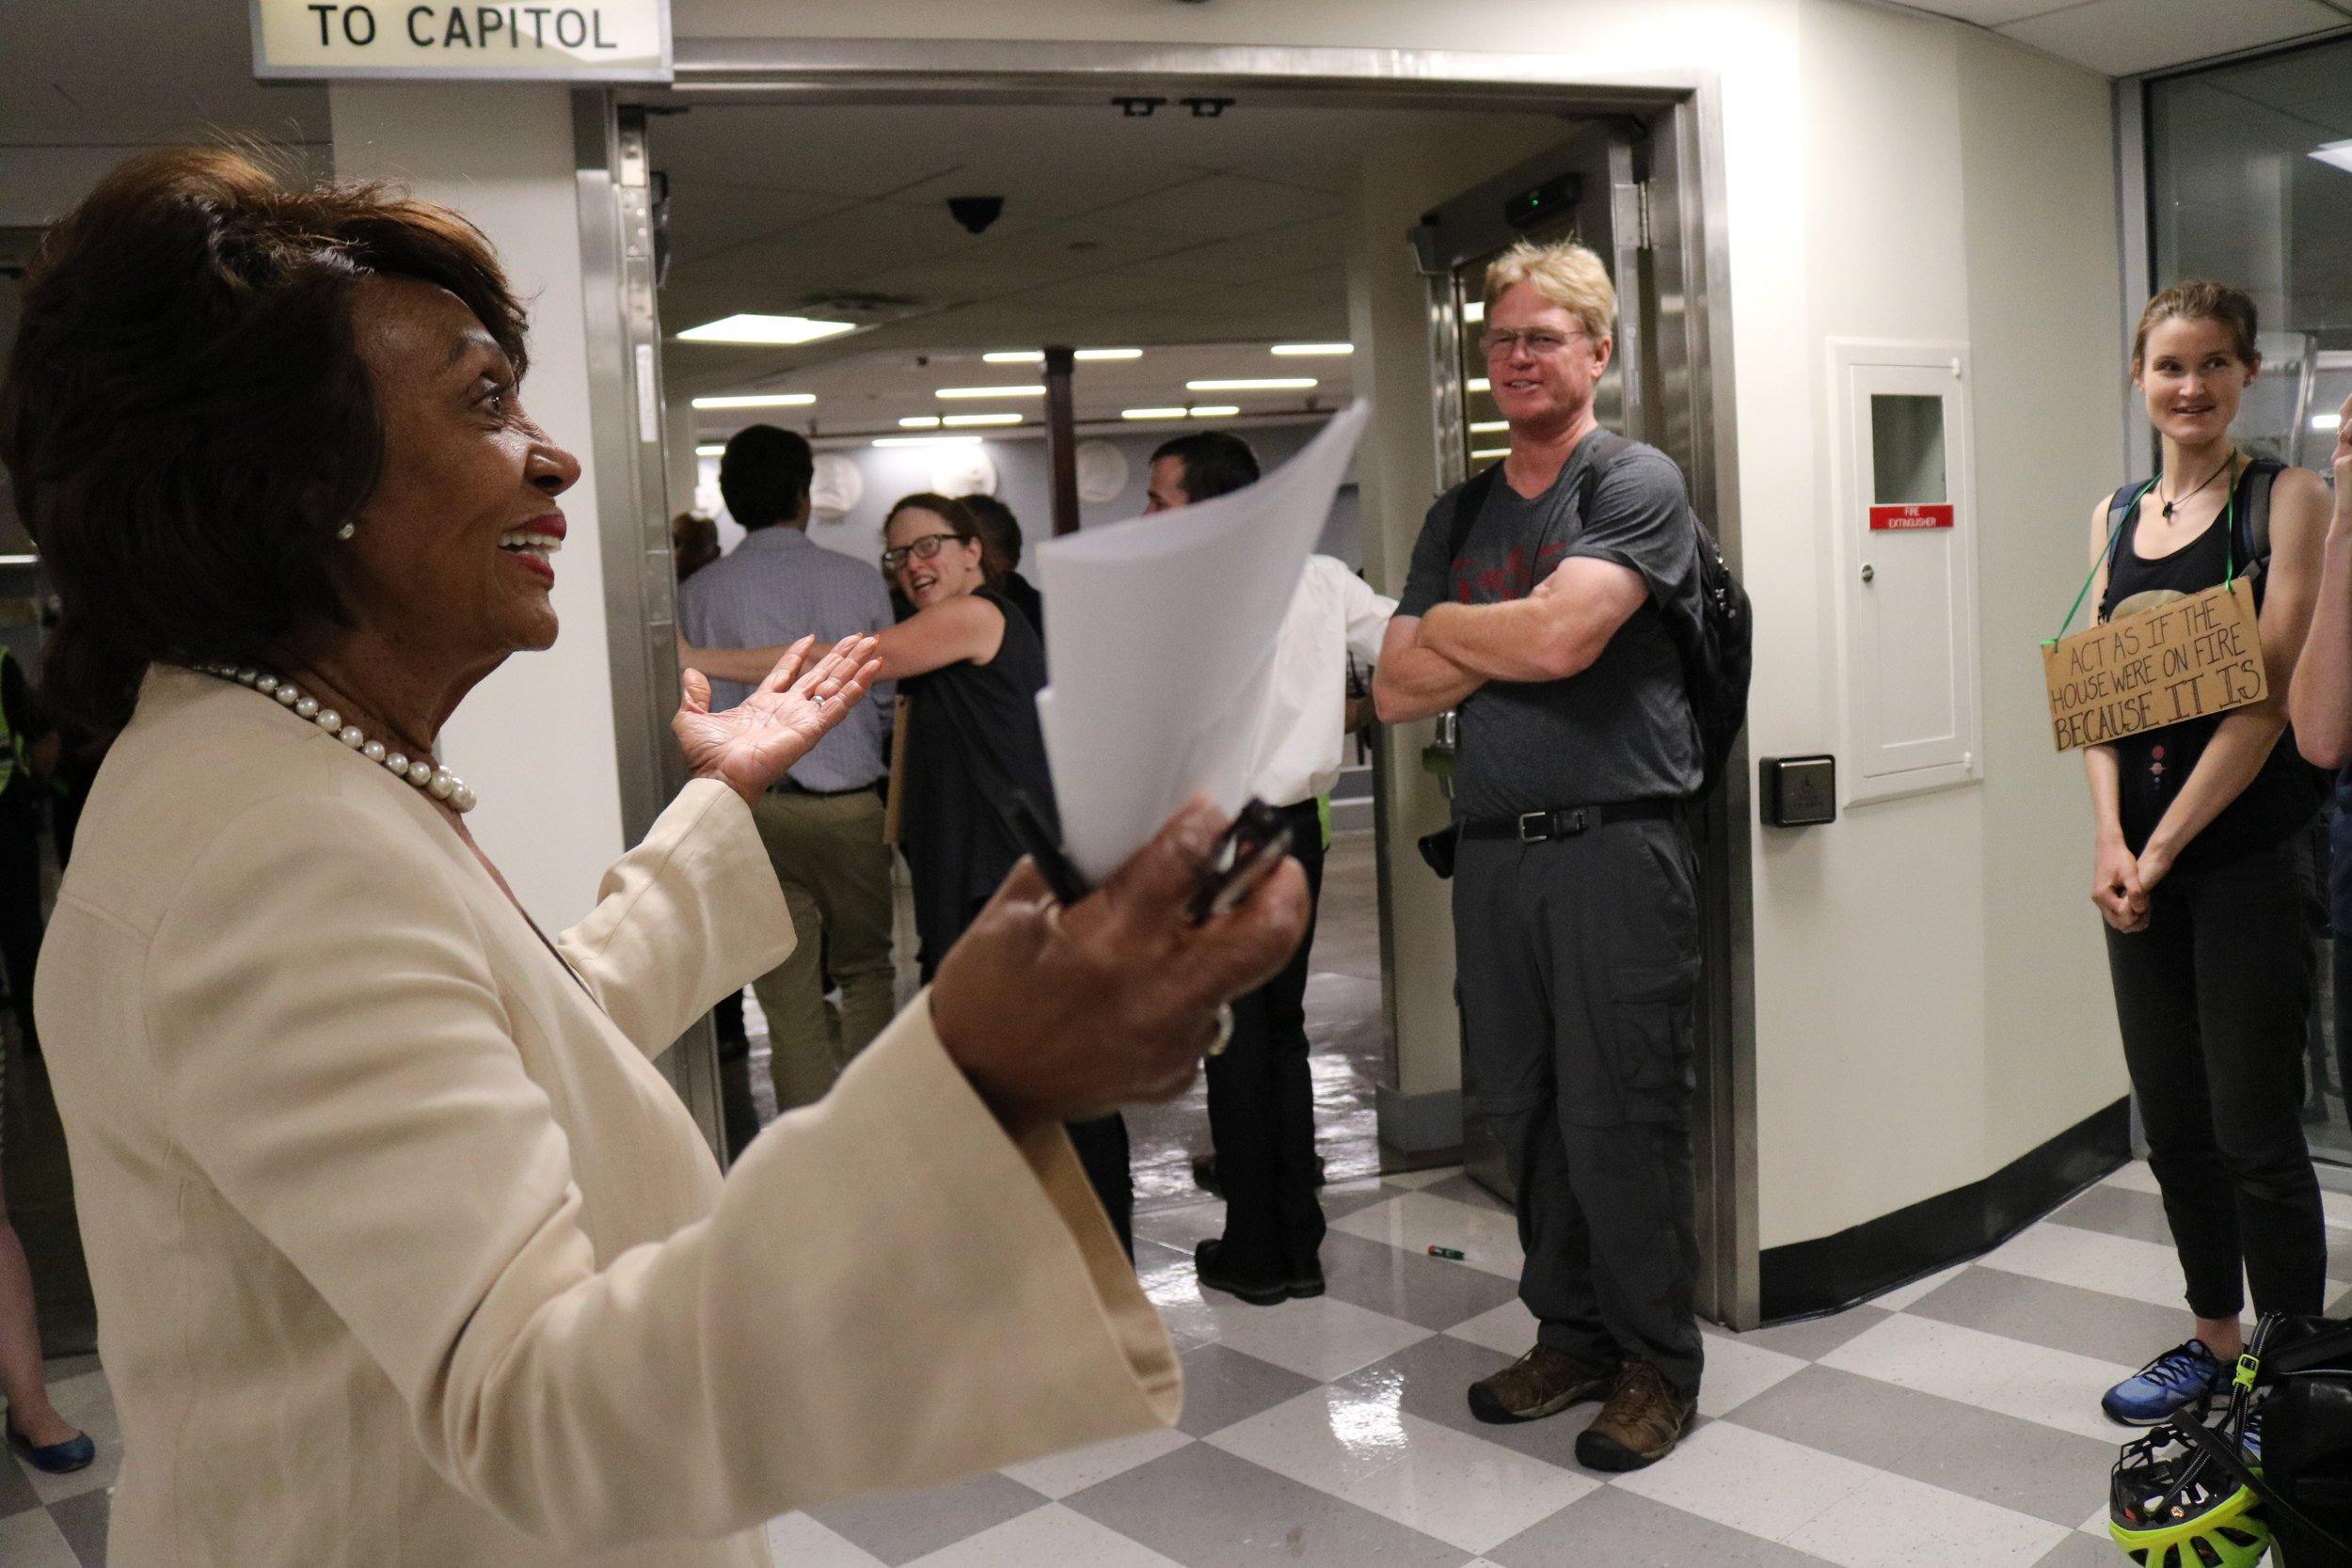 Maxine Waters celebrates the blockade. Photo: Drew Larsen